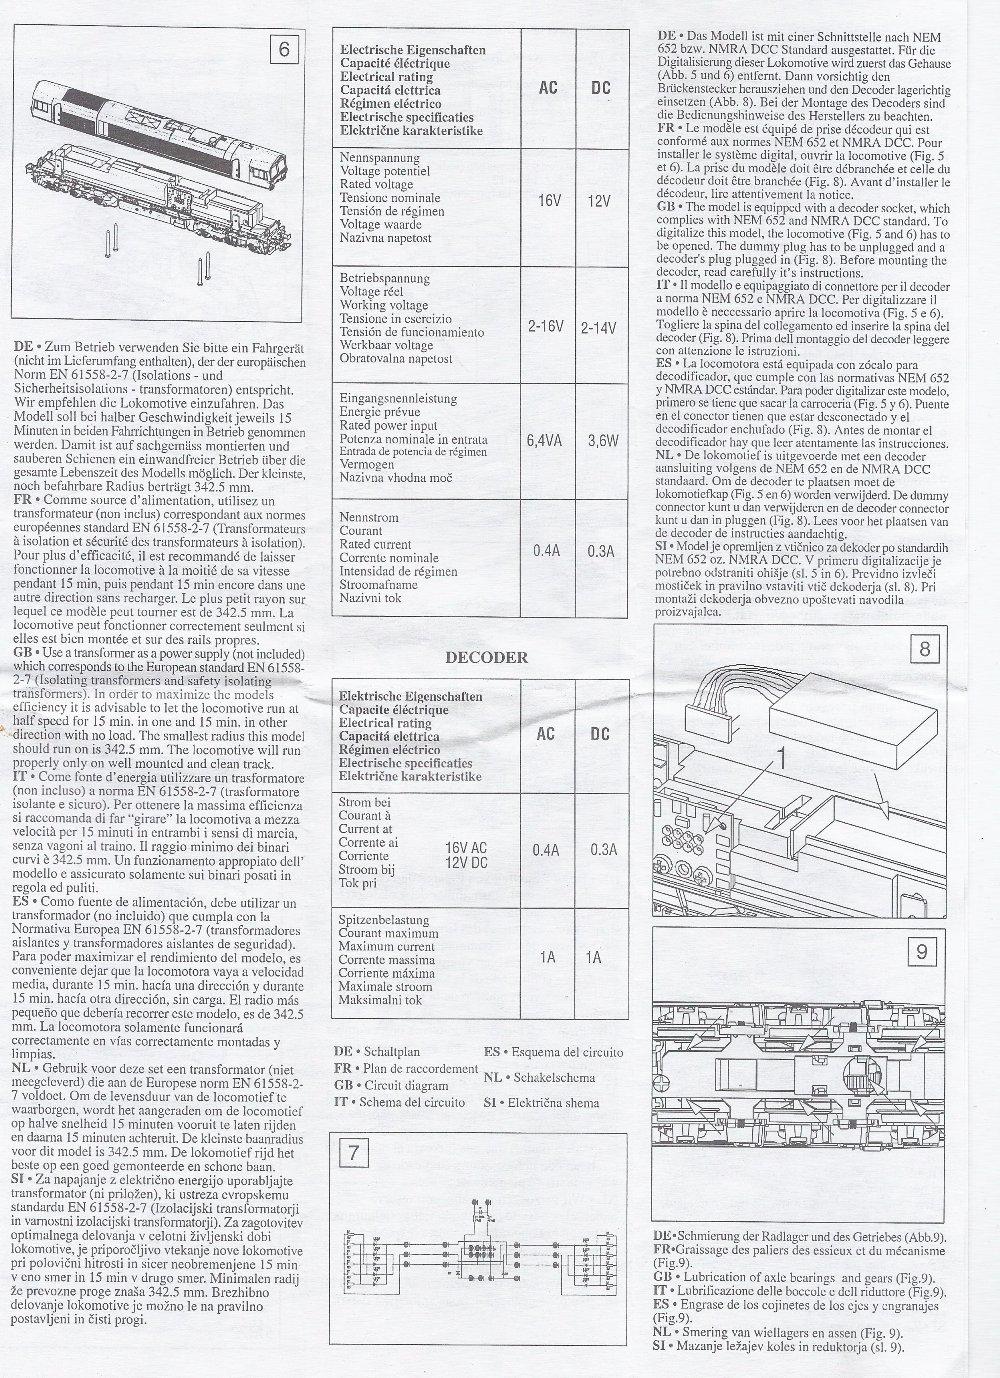 Cl66 instr 2.JPG